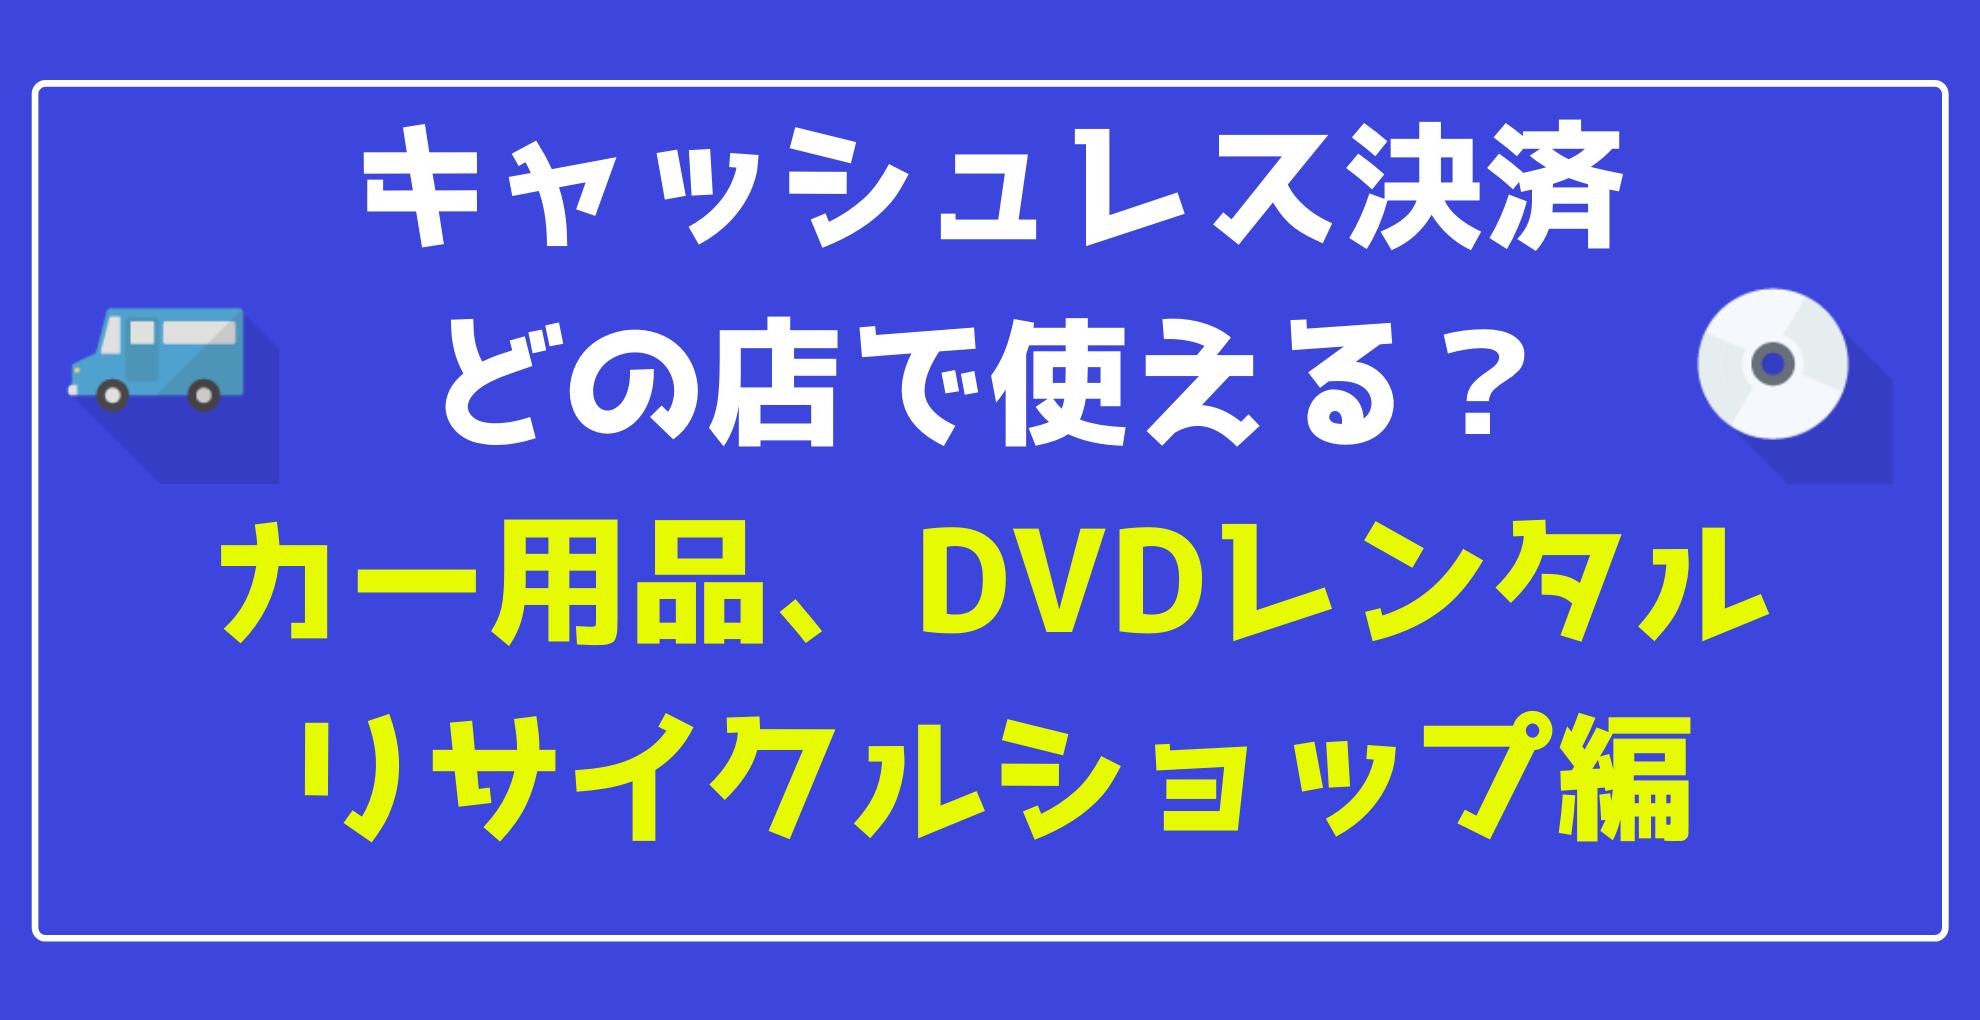 【キャッシュレス】スマホ決済 どの店で使える?【カー用品、リサイクルショップ、DVDレンタル、その他小売店編】